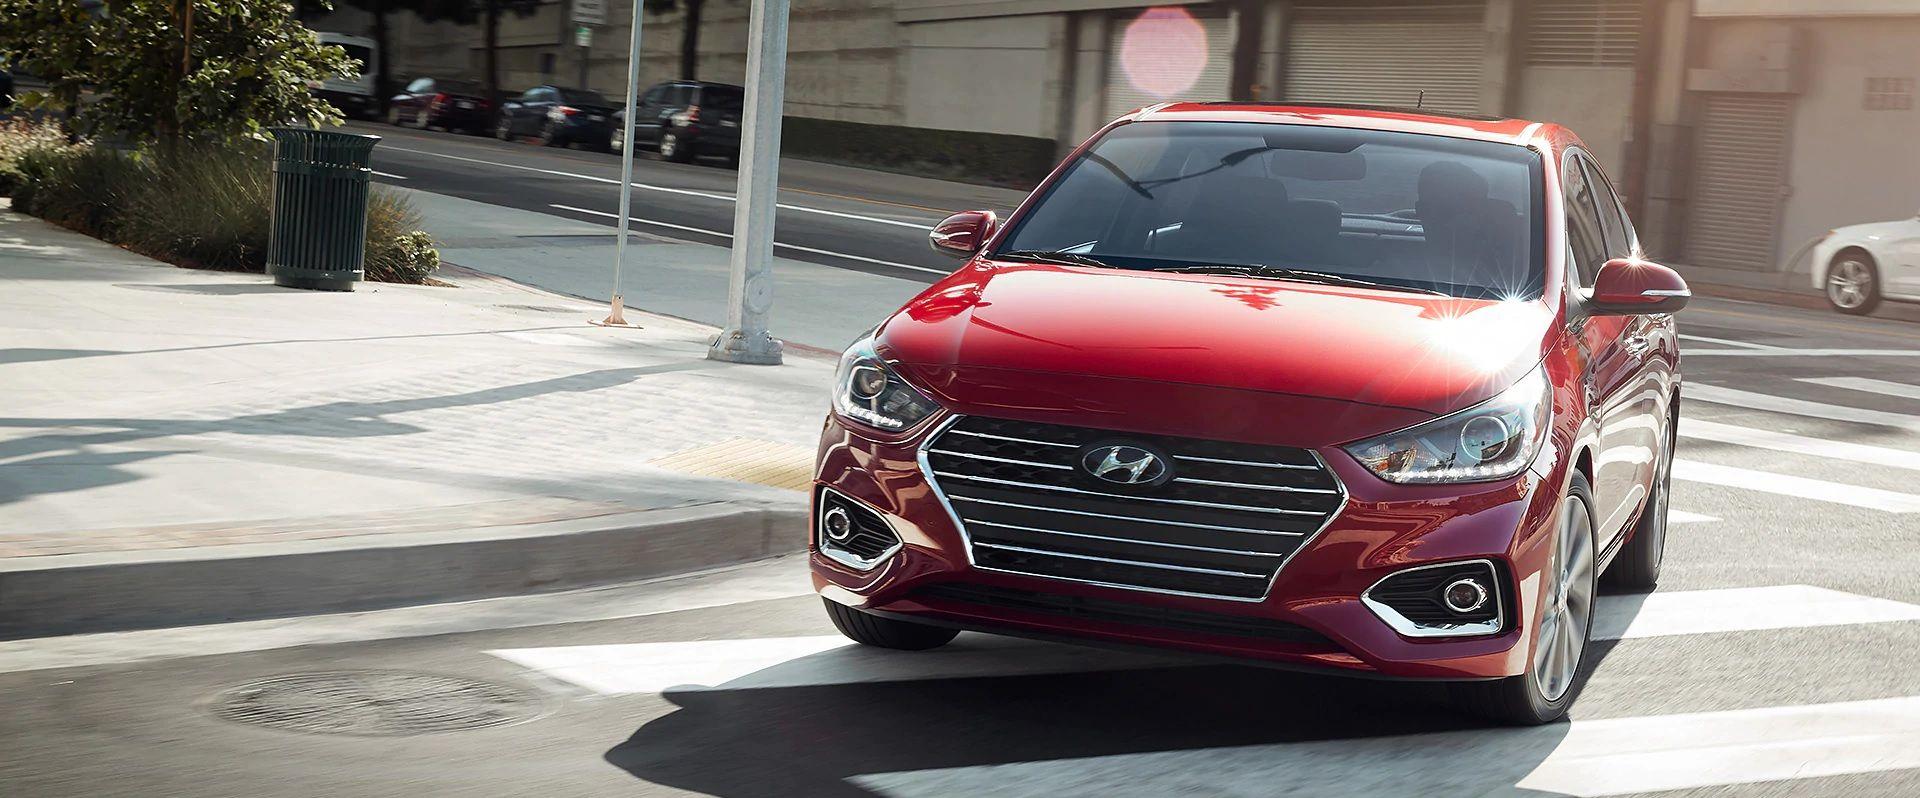 Hyundai Accent 2019 a la venta cerca de Woodbridge, VA